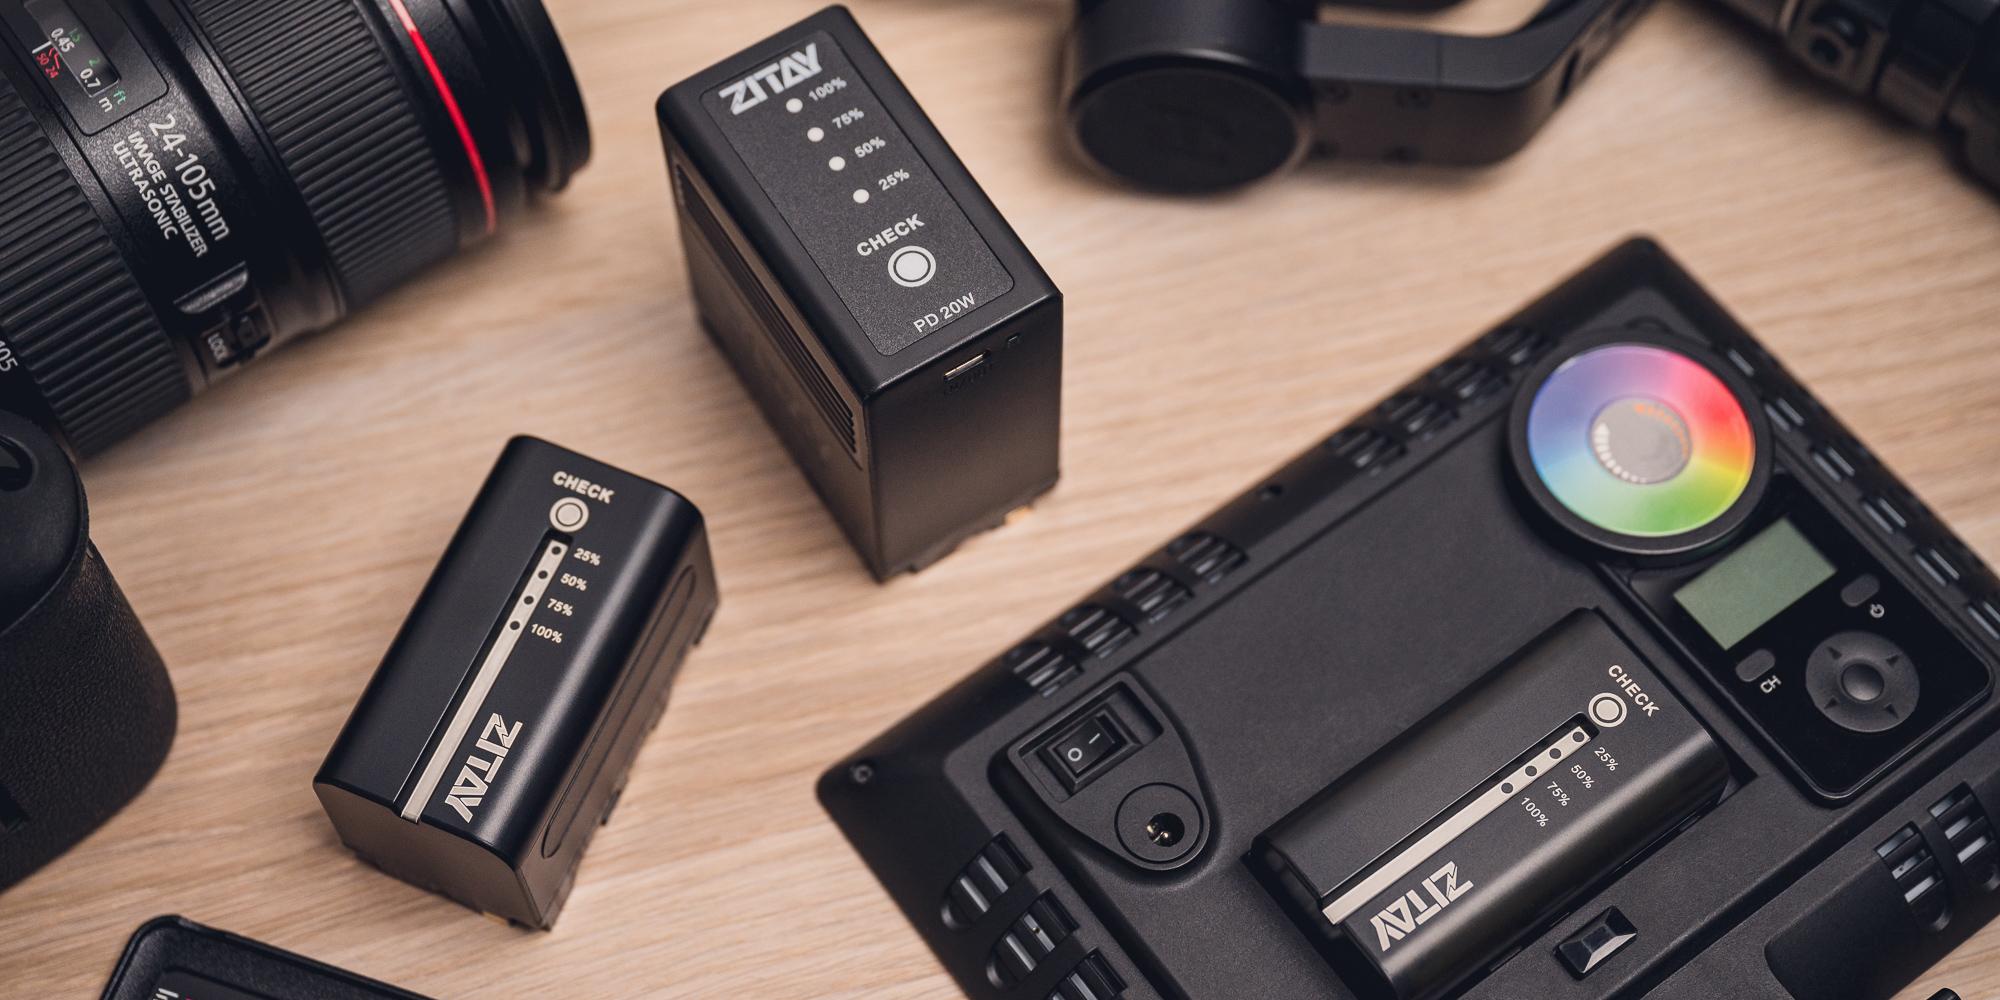 Akumulator Zitay zamiennik NP-F550 - Nowoczesny wygląd